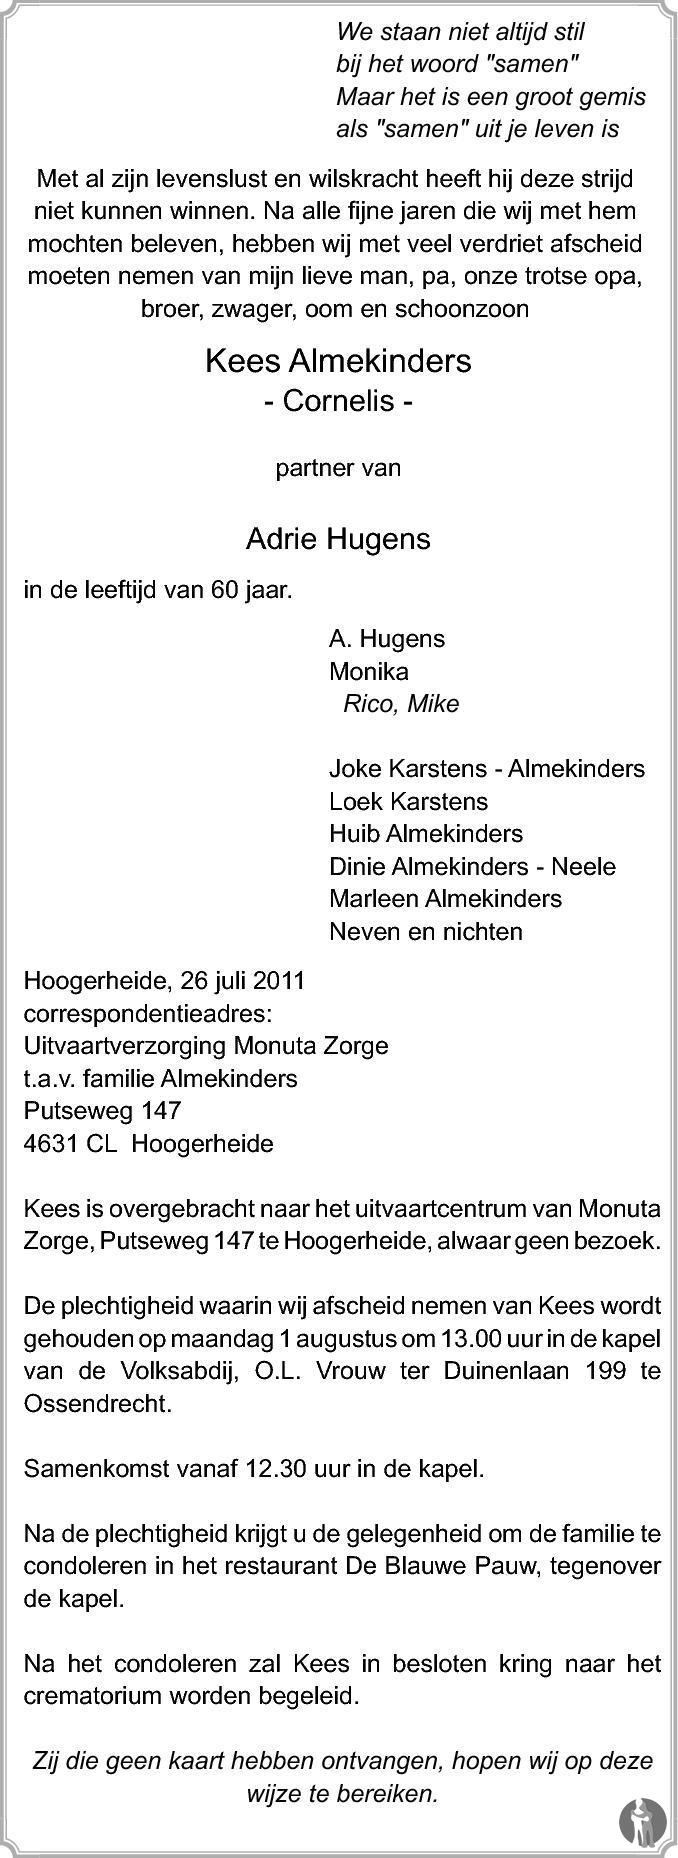 Overlijdensbericht van Cornelis (Kees) Almekinders in PZC Provinciale Zeeuwse Courant